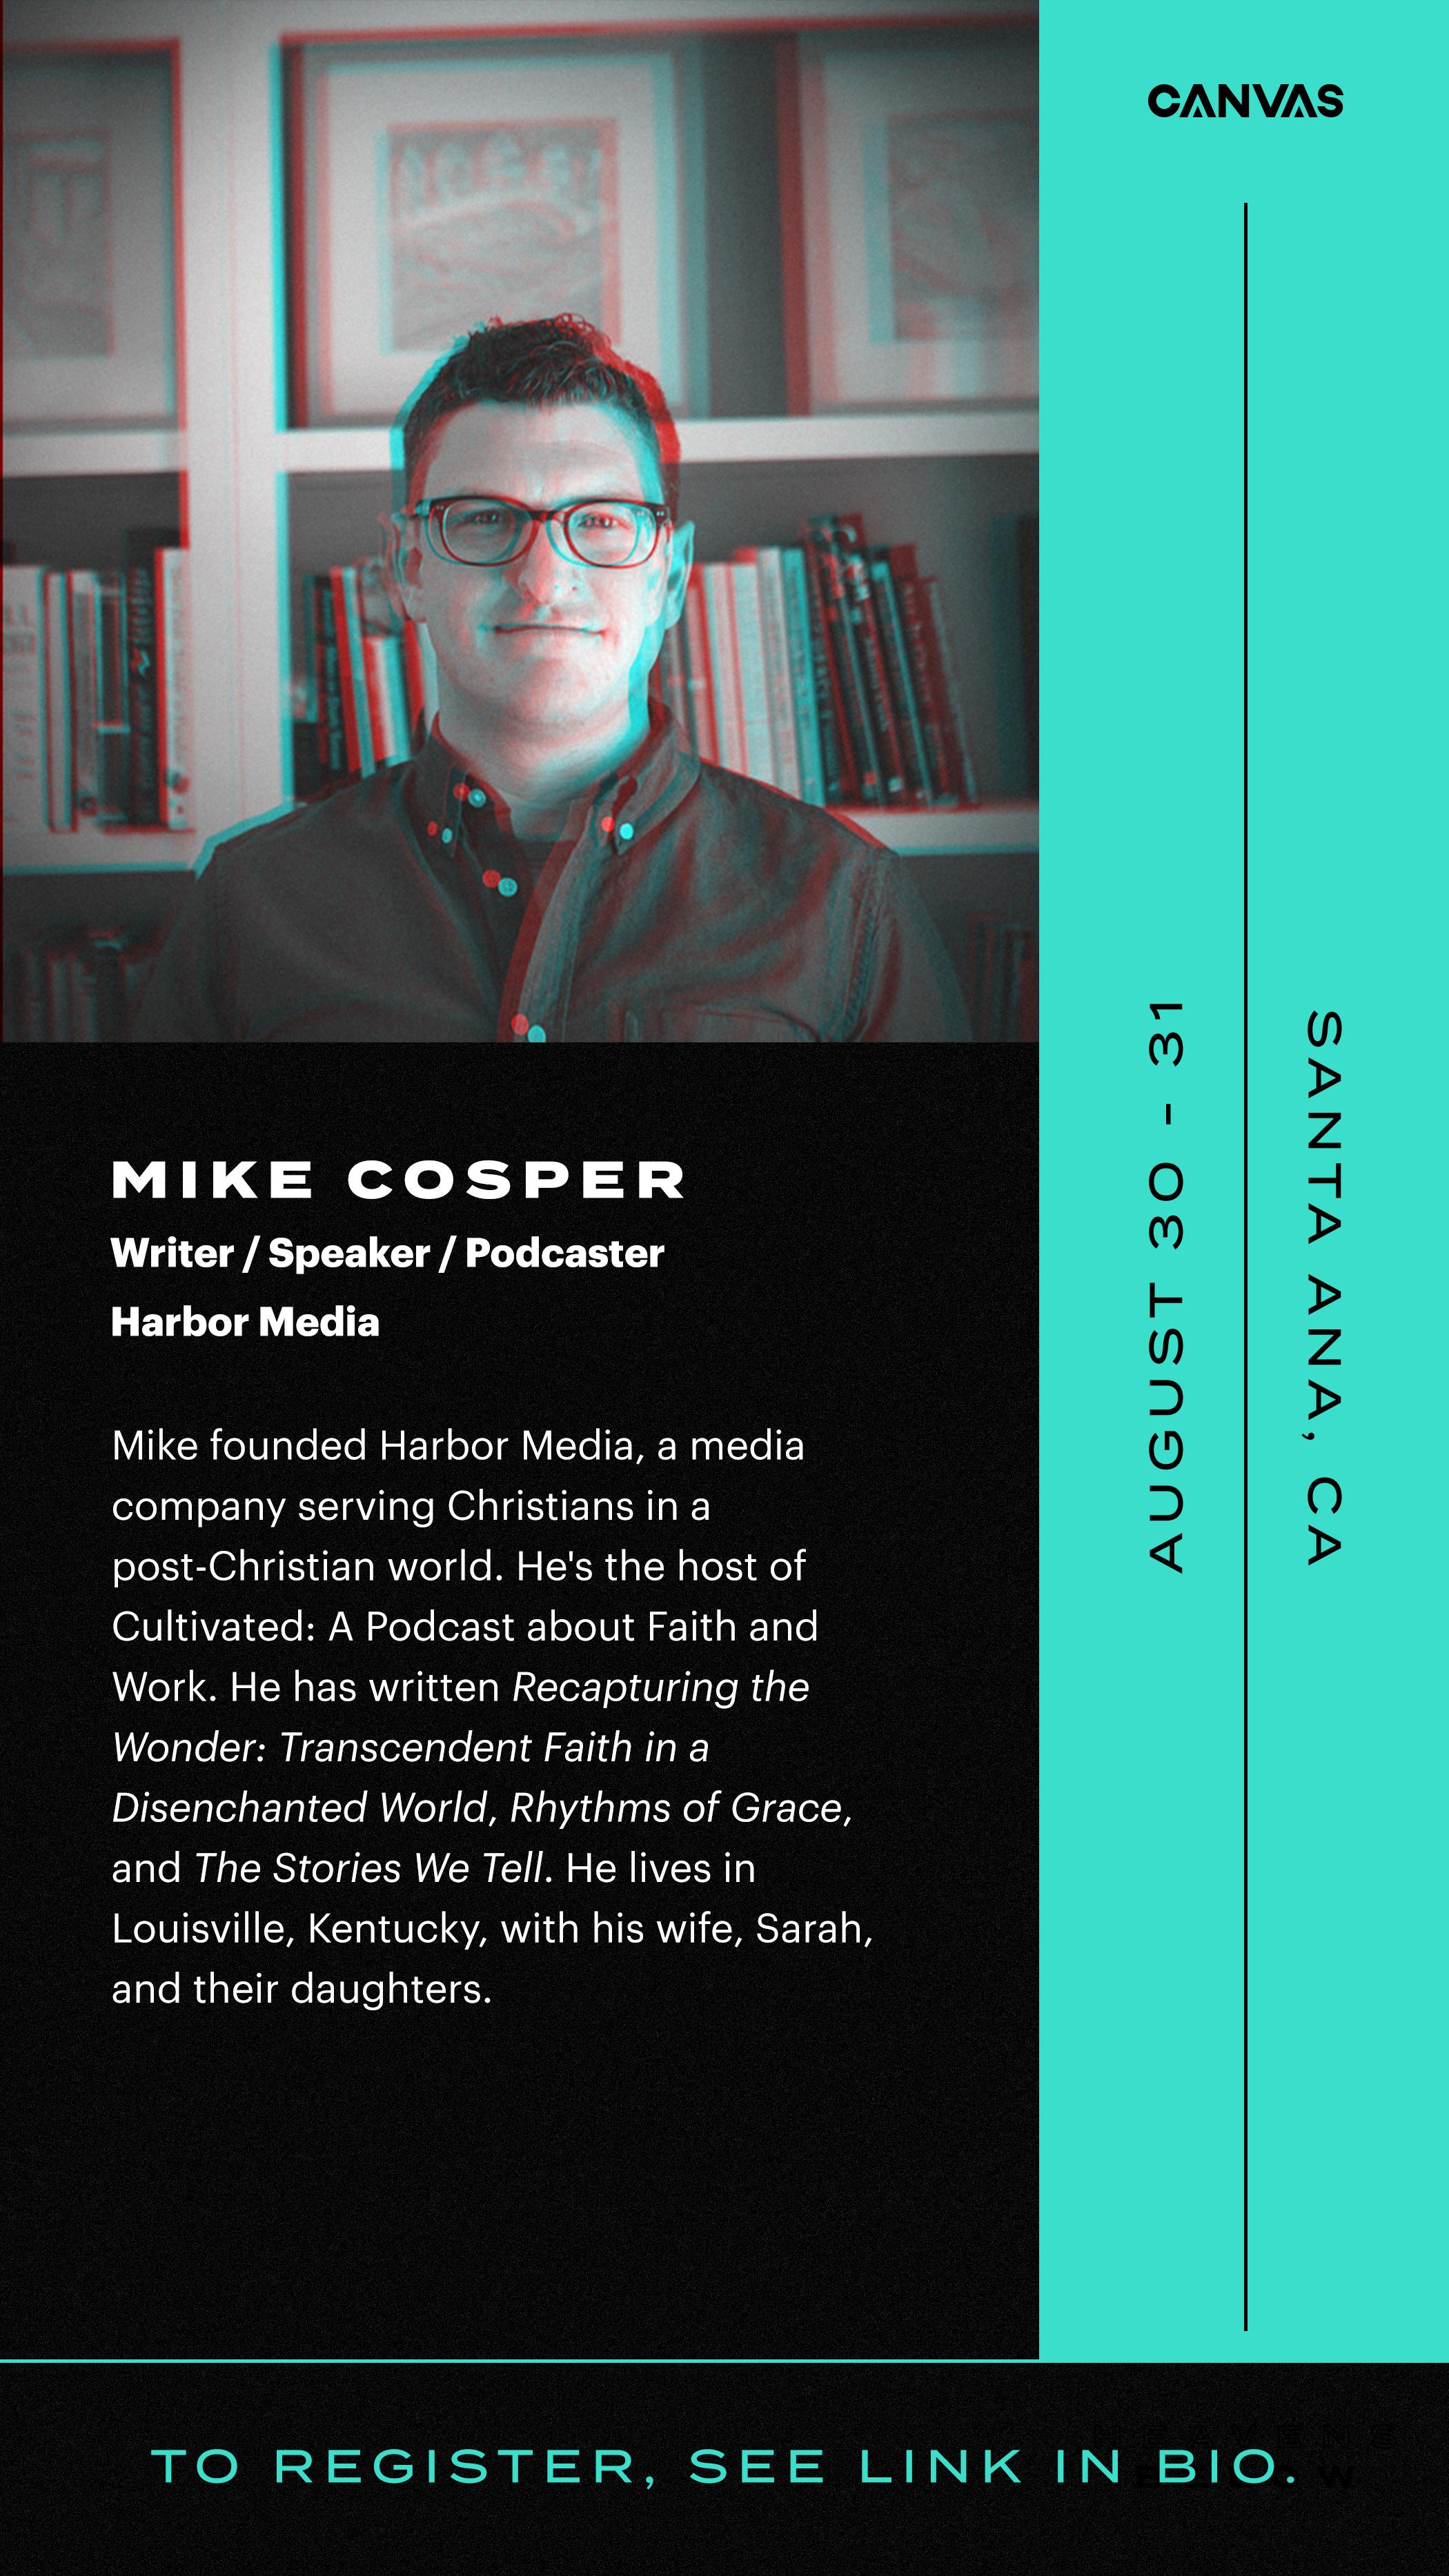 Mike-Cosper_story.jpg